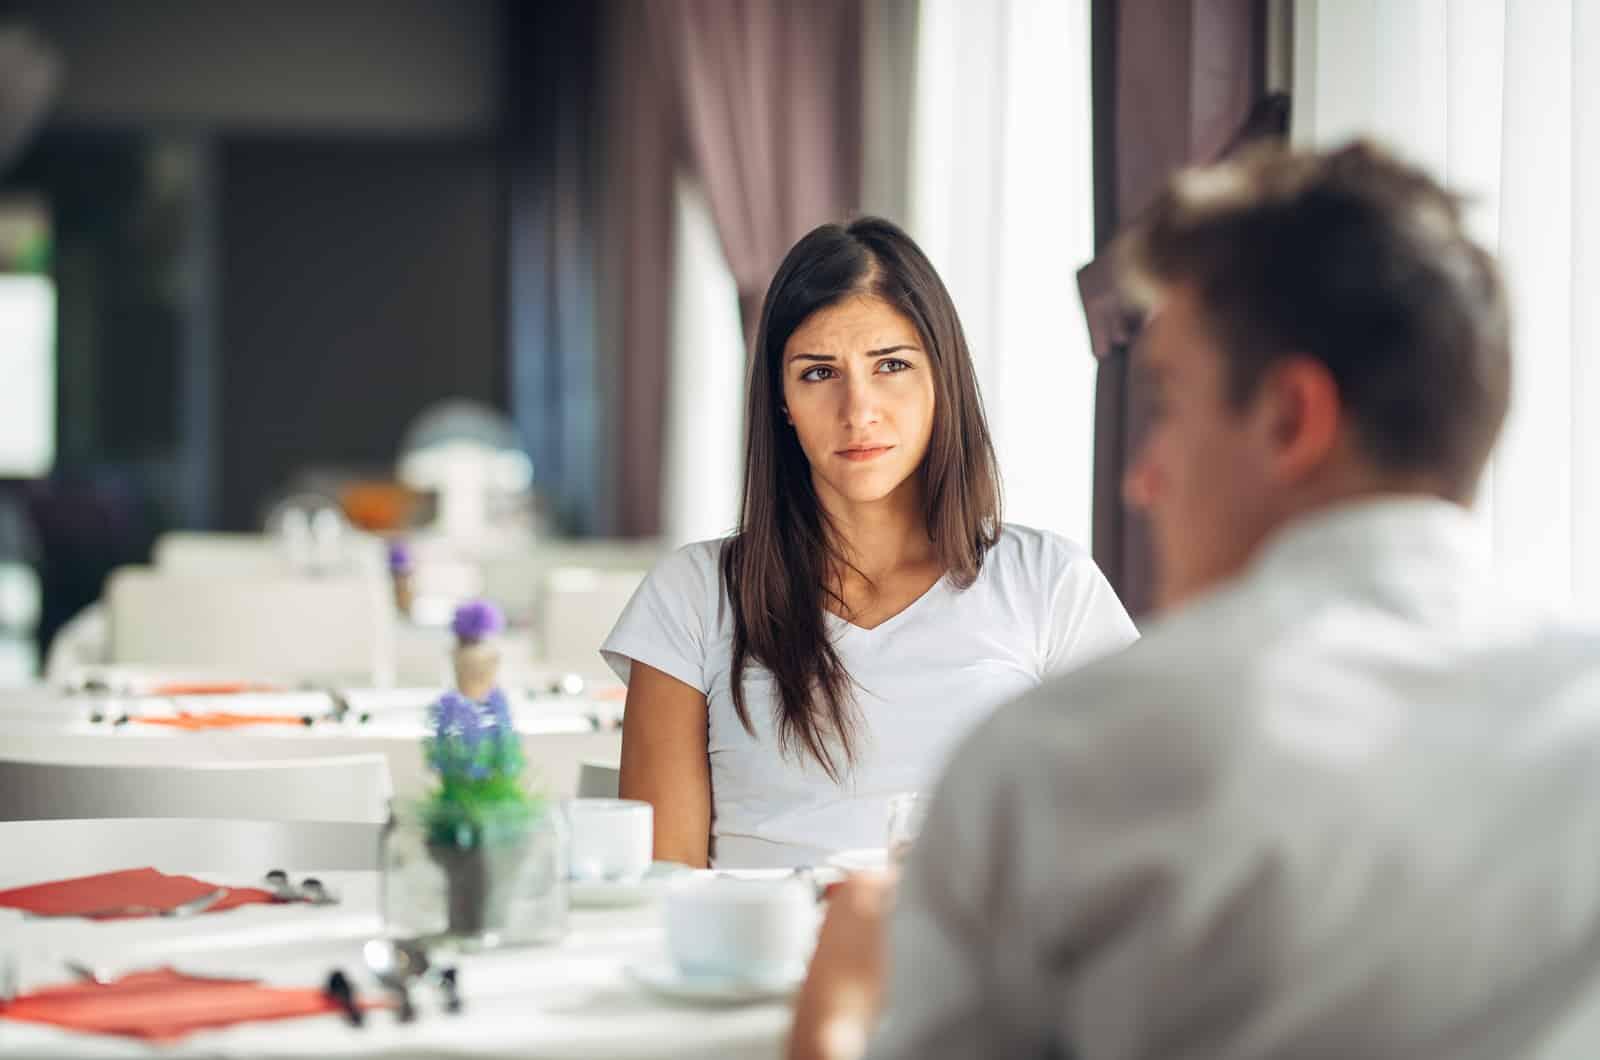 Frau sieht ihren Partner mit traurigem Gesichtsausdruck an